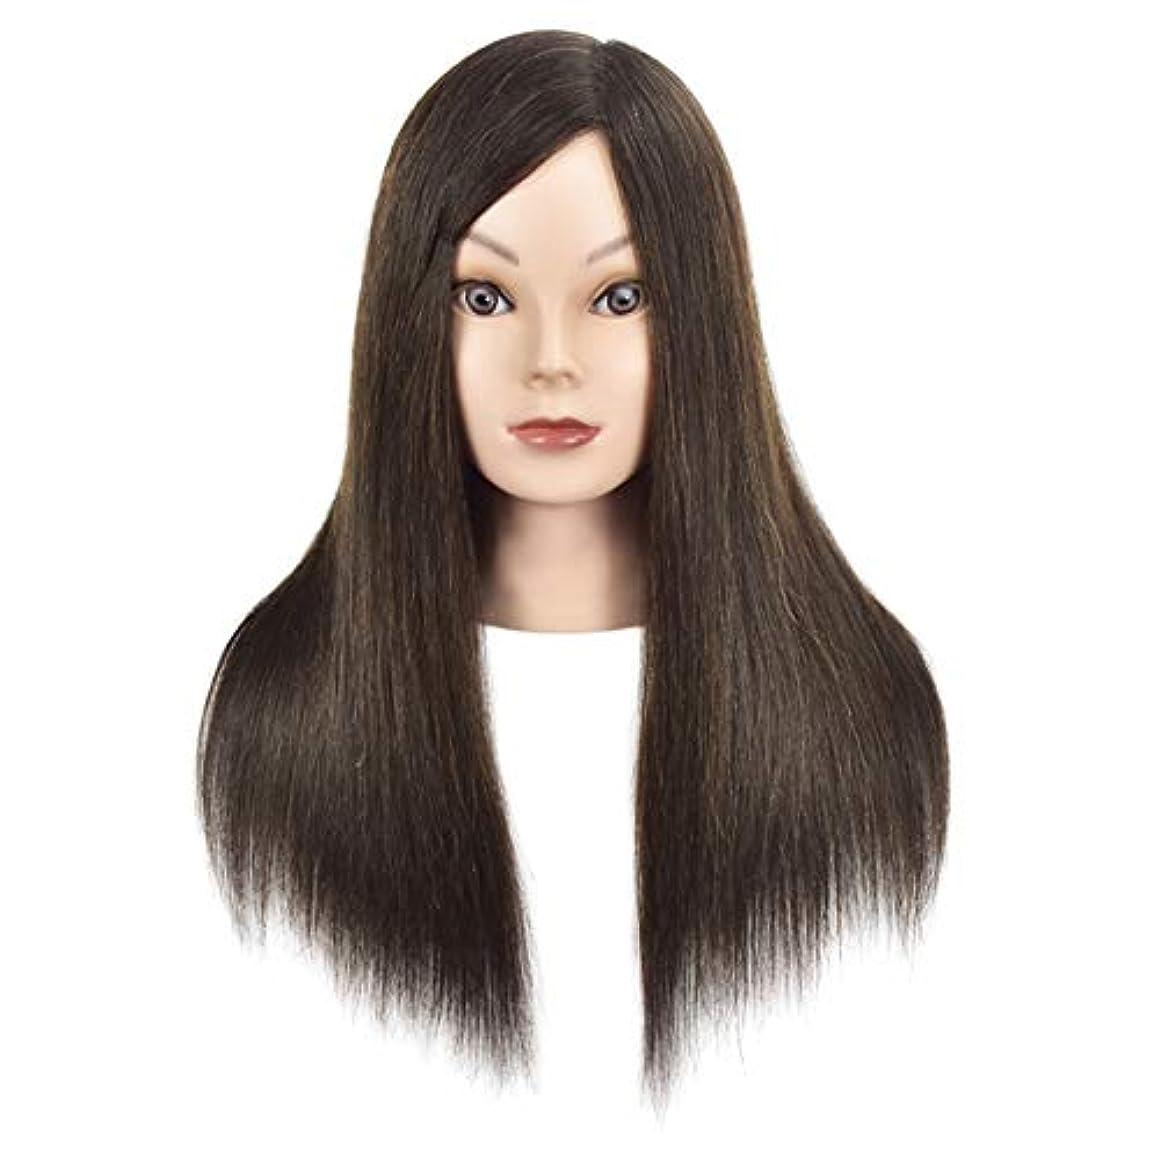 開発するミシンセンター理髪店トリミングヘアエクササイズヘッドモールドメイクモデリング学習マネキンダミーヘッドブラック